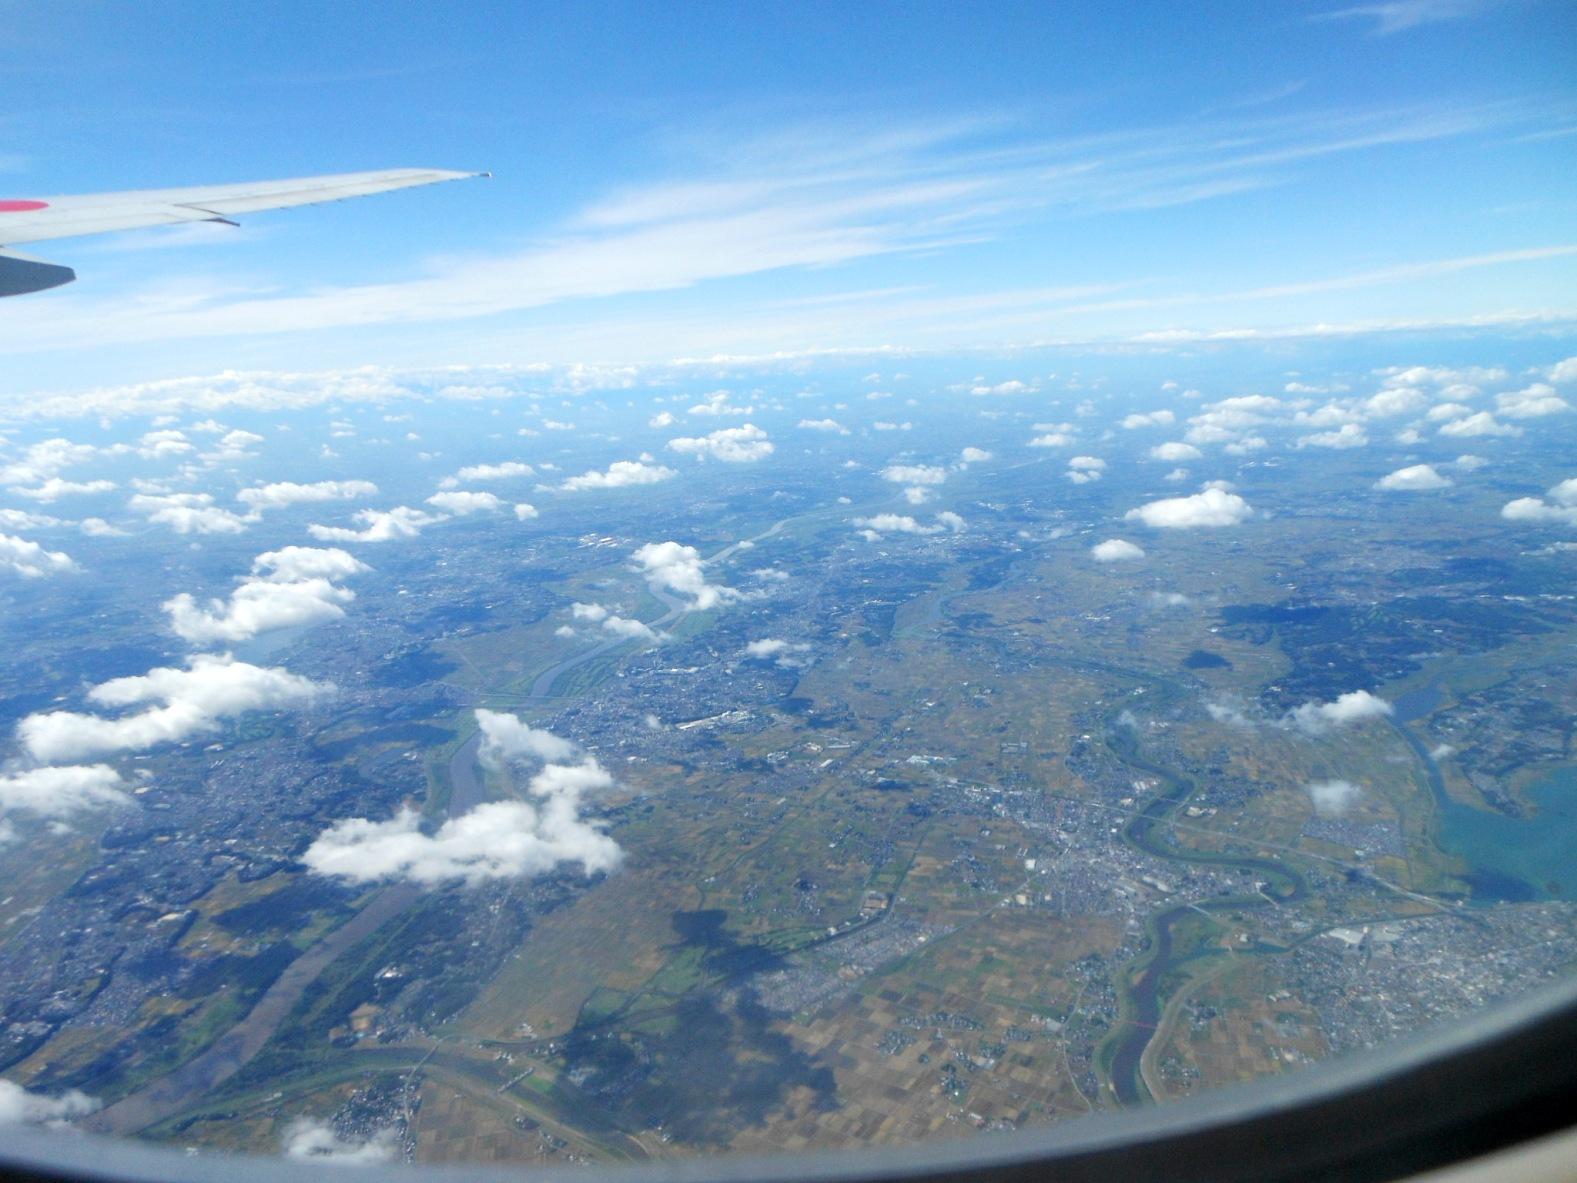 1823) ①「金沢3泊4日旅行 『飛行機からの眺め』」_f0126829_7152881.jpg